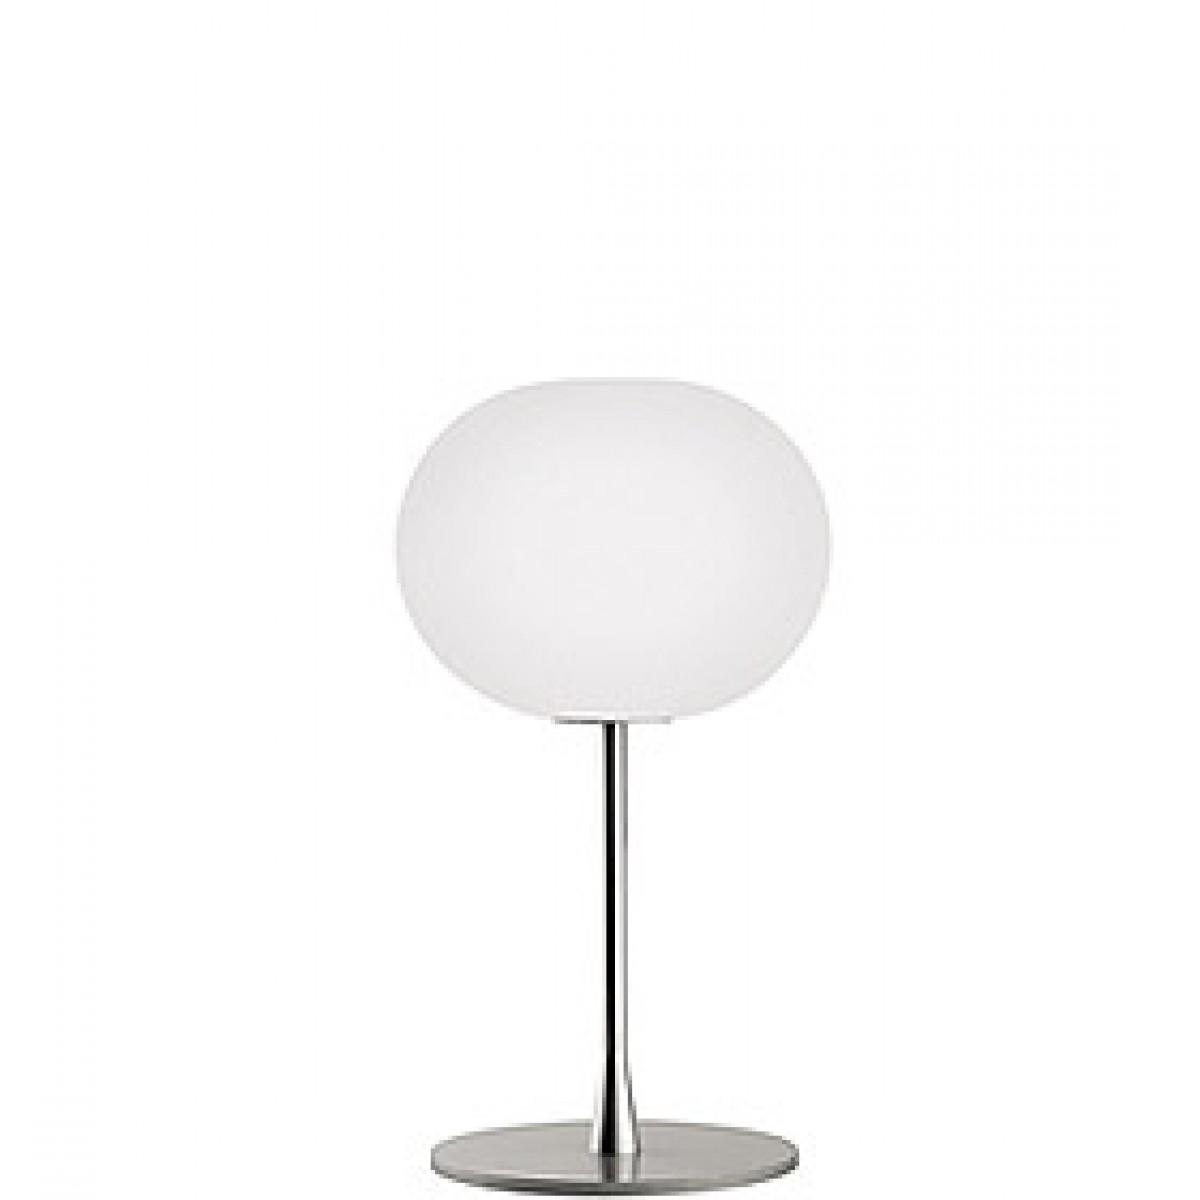 Glo ball t 1 lampada da tavolo di flos pianeta luce - Lampada flos da tavolo ...